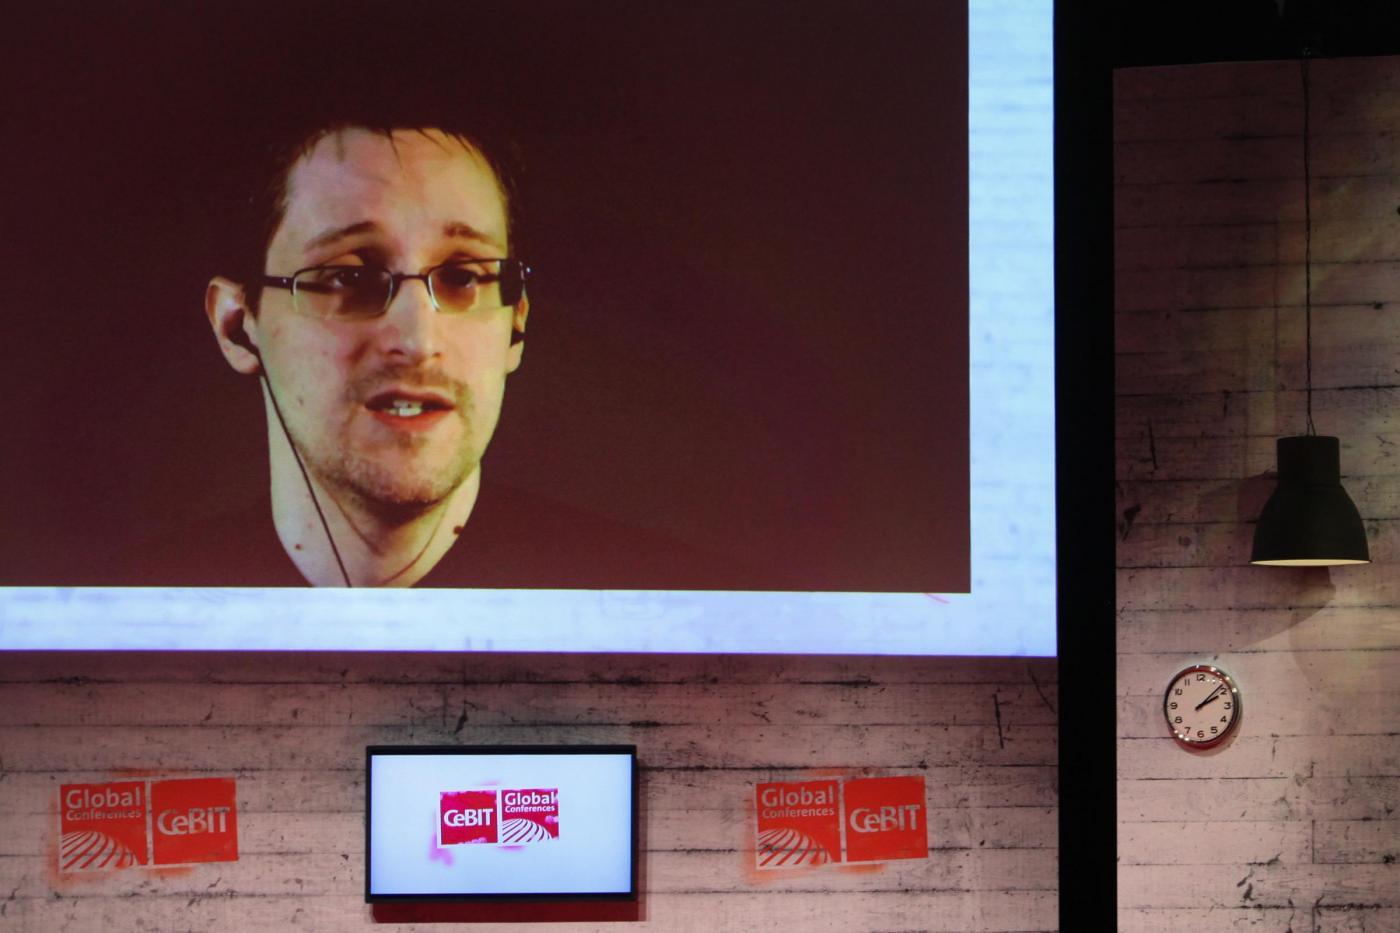 CeBIT 2015, Edward Snowden parla via streaming in diretta